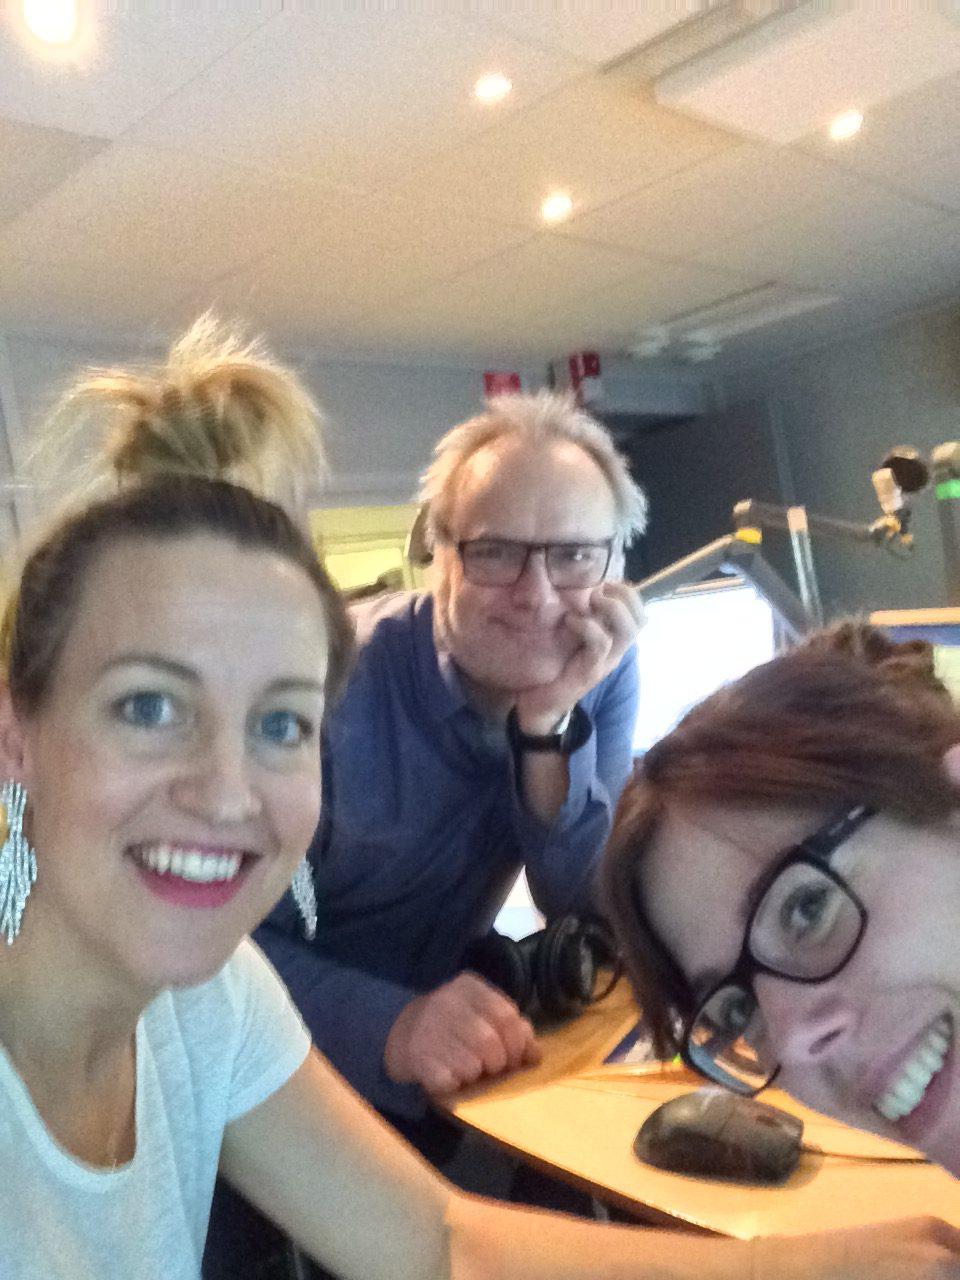 Förmiddag i P4 Radio Stockholm